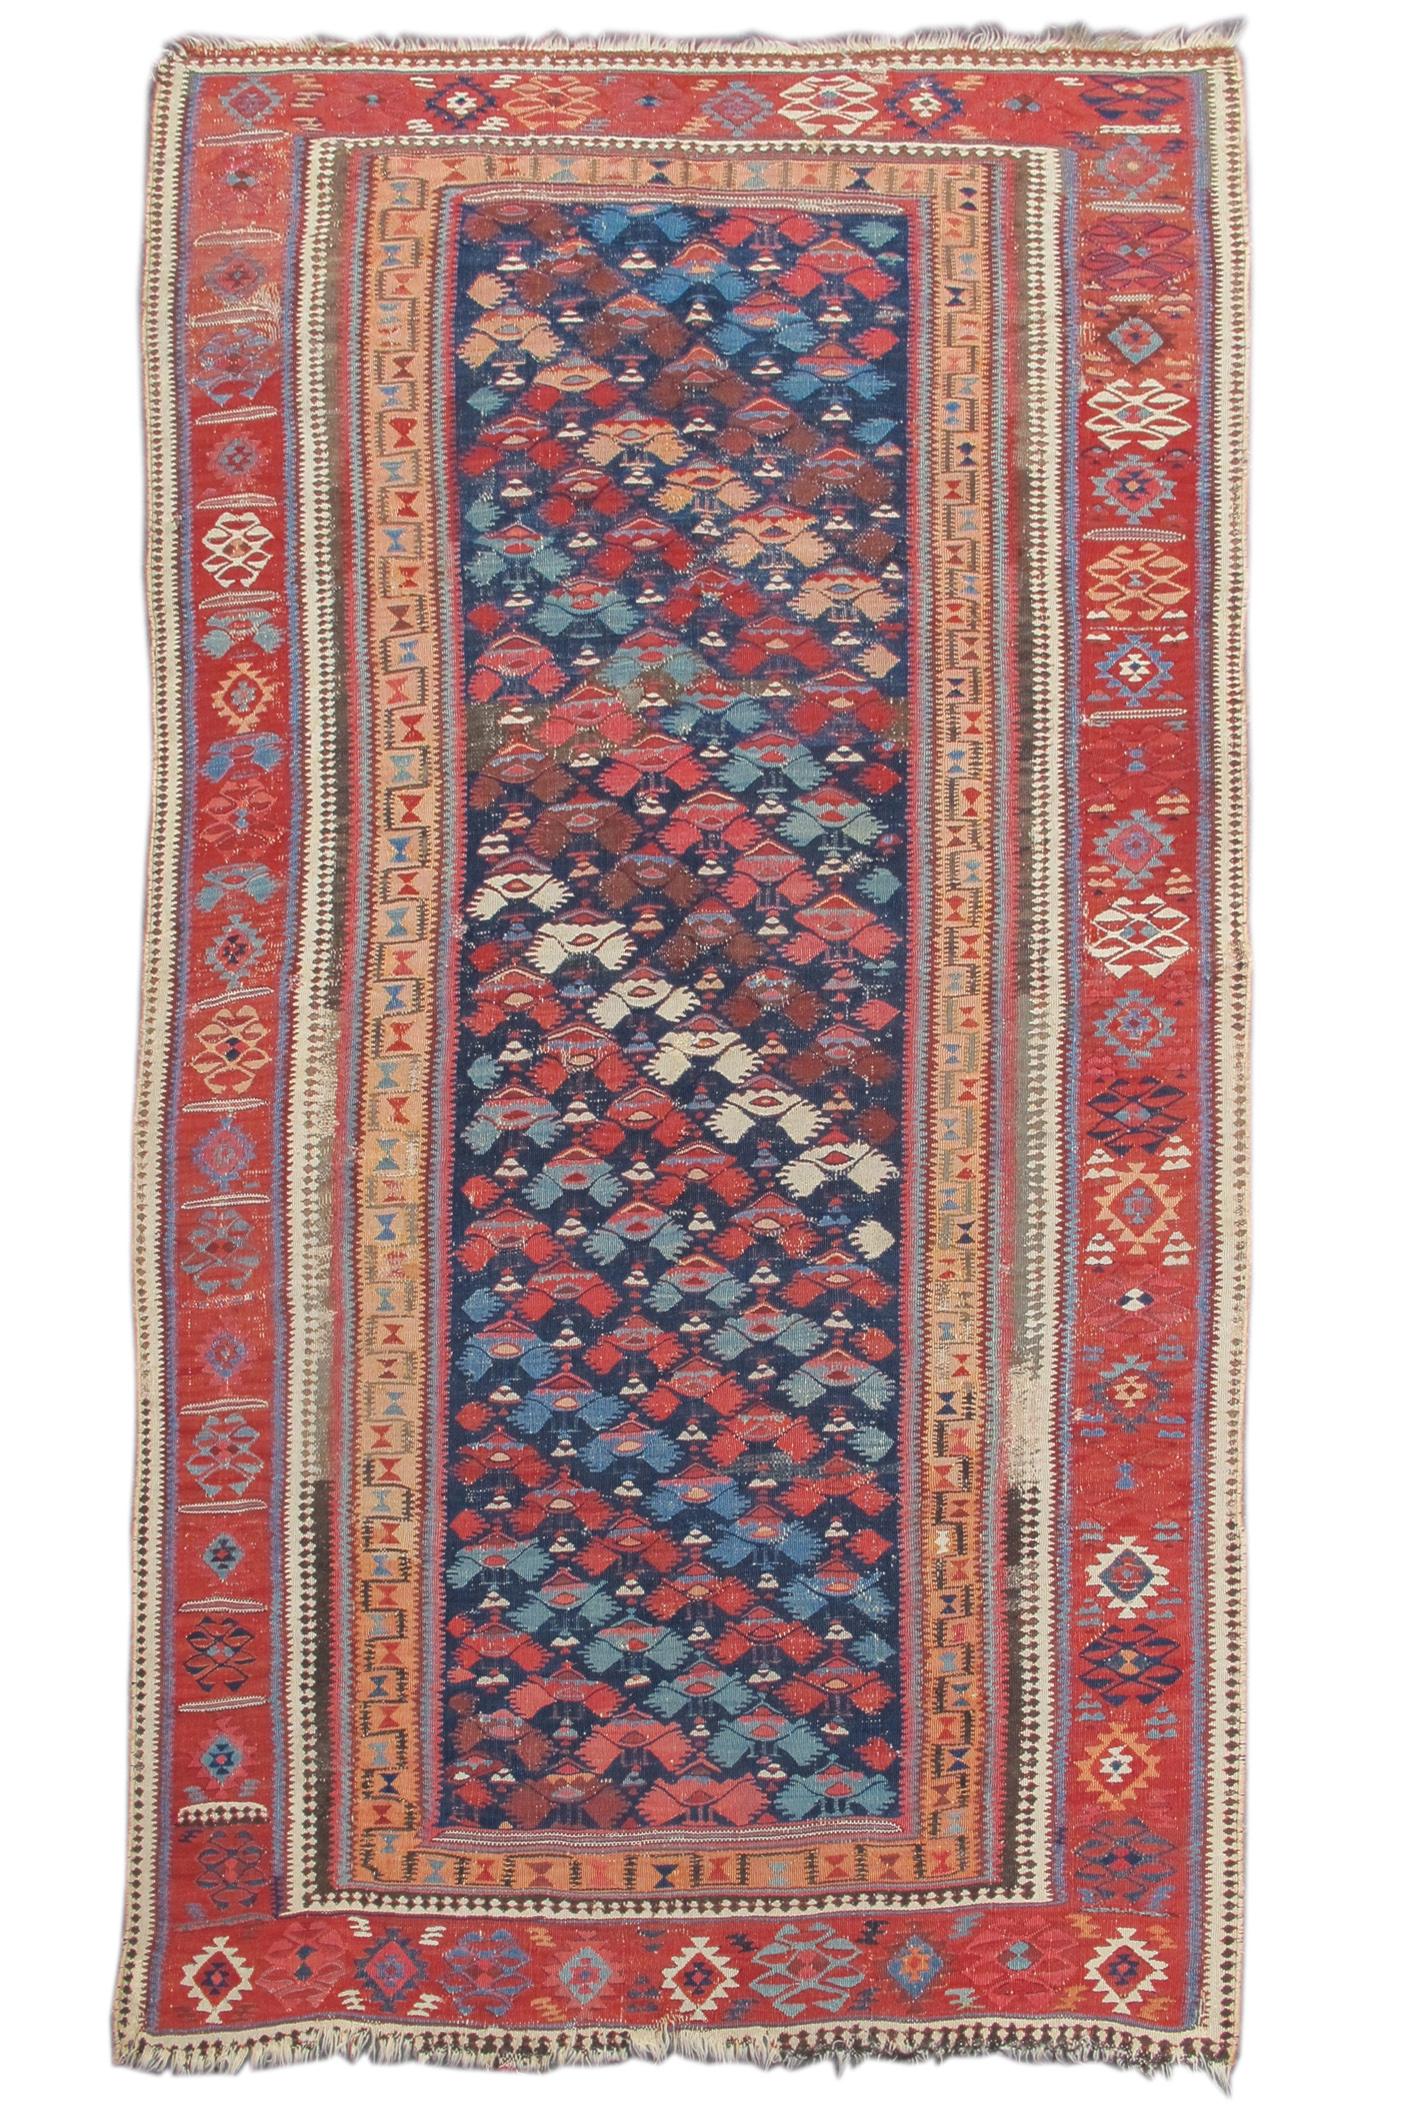 Kurdish kilim